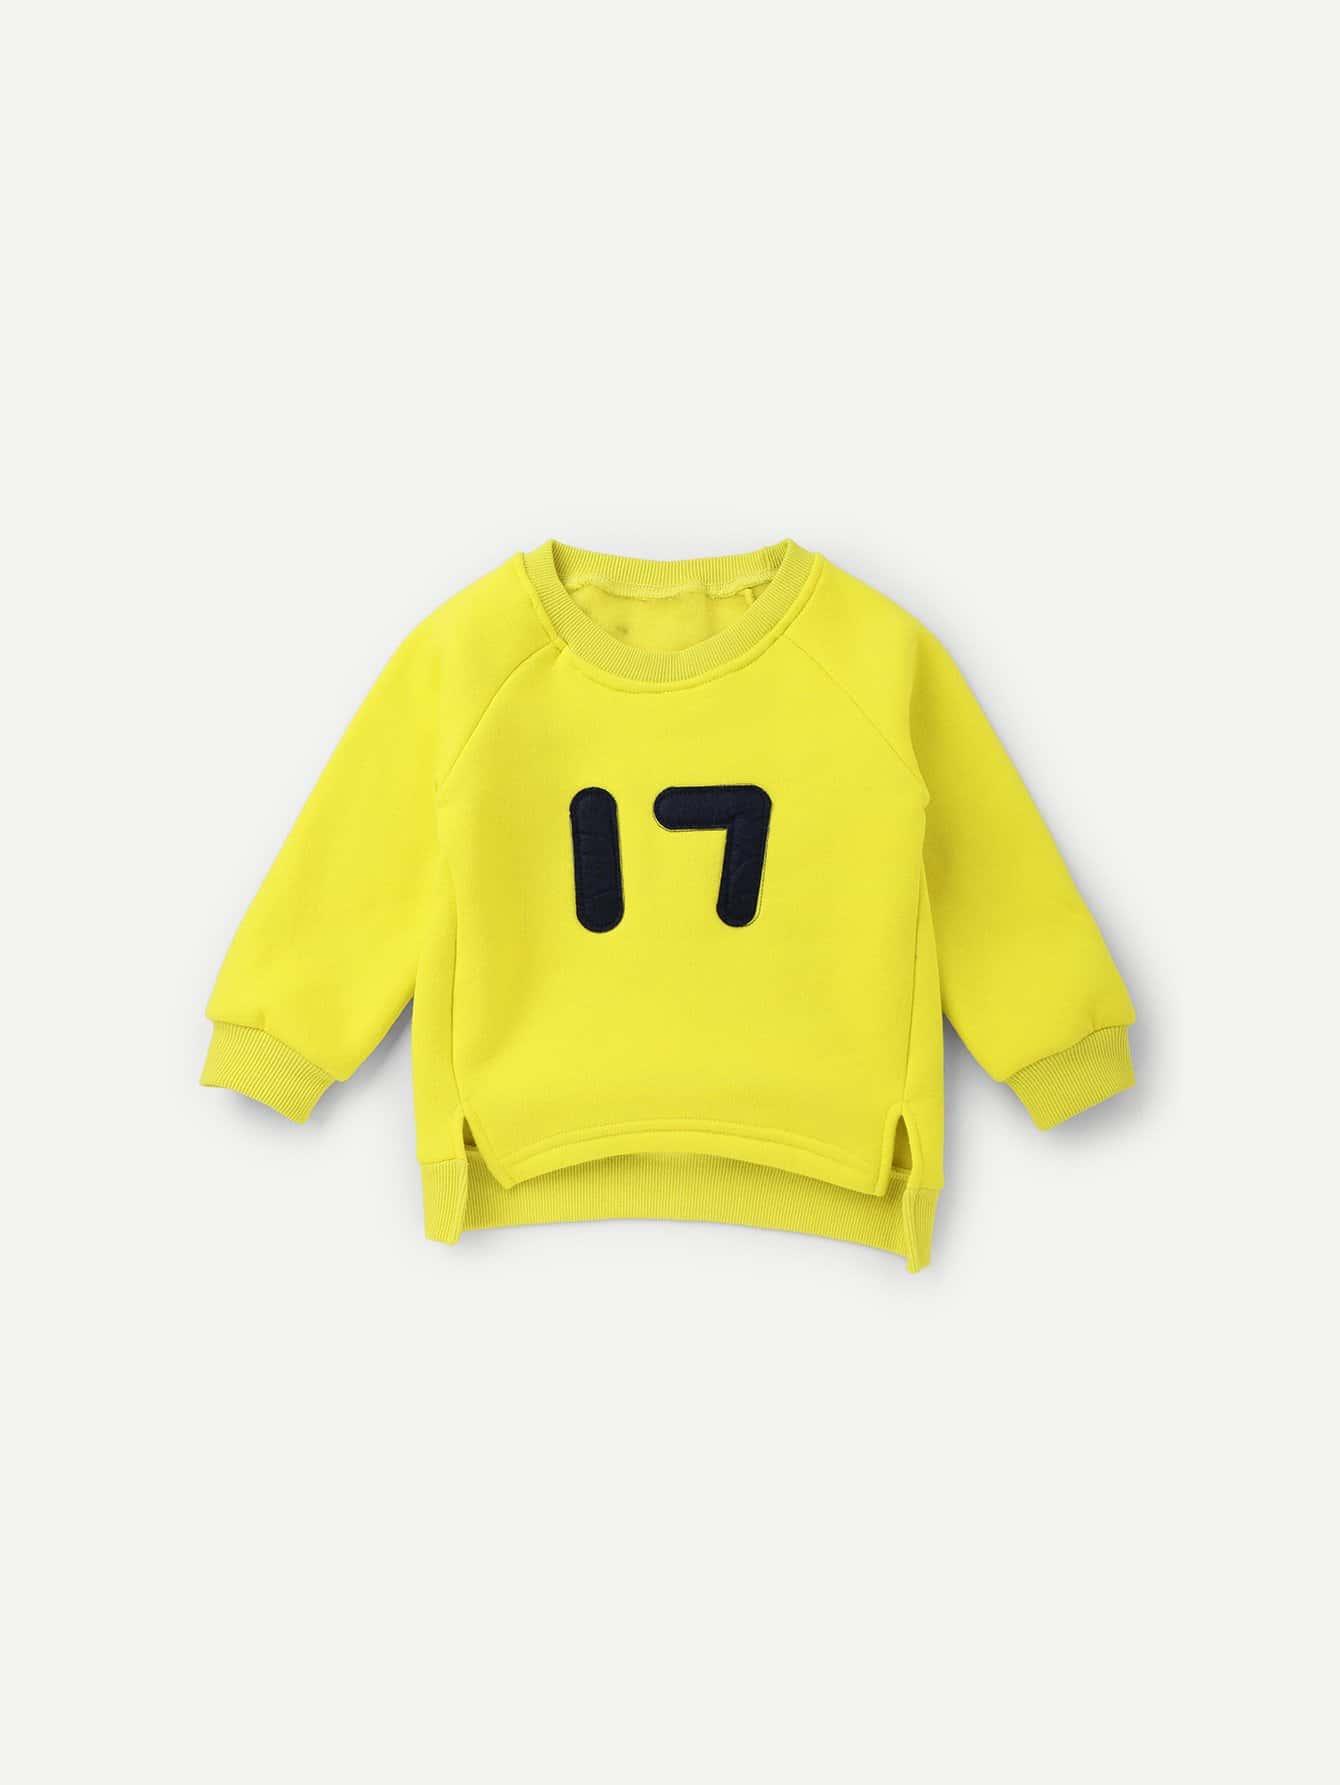 Mädchen Asymmetrisches Sweatshirt mit Buchstaben Muster und Schlitz